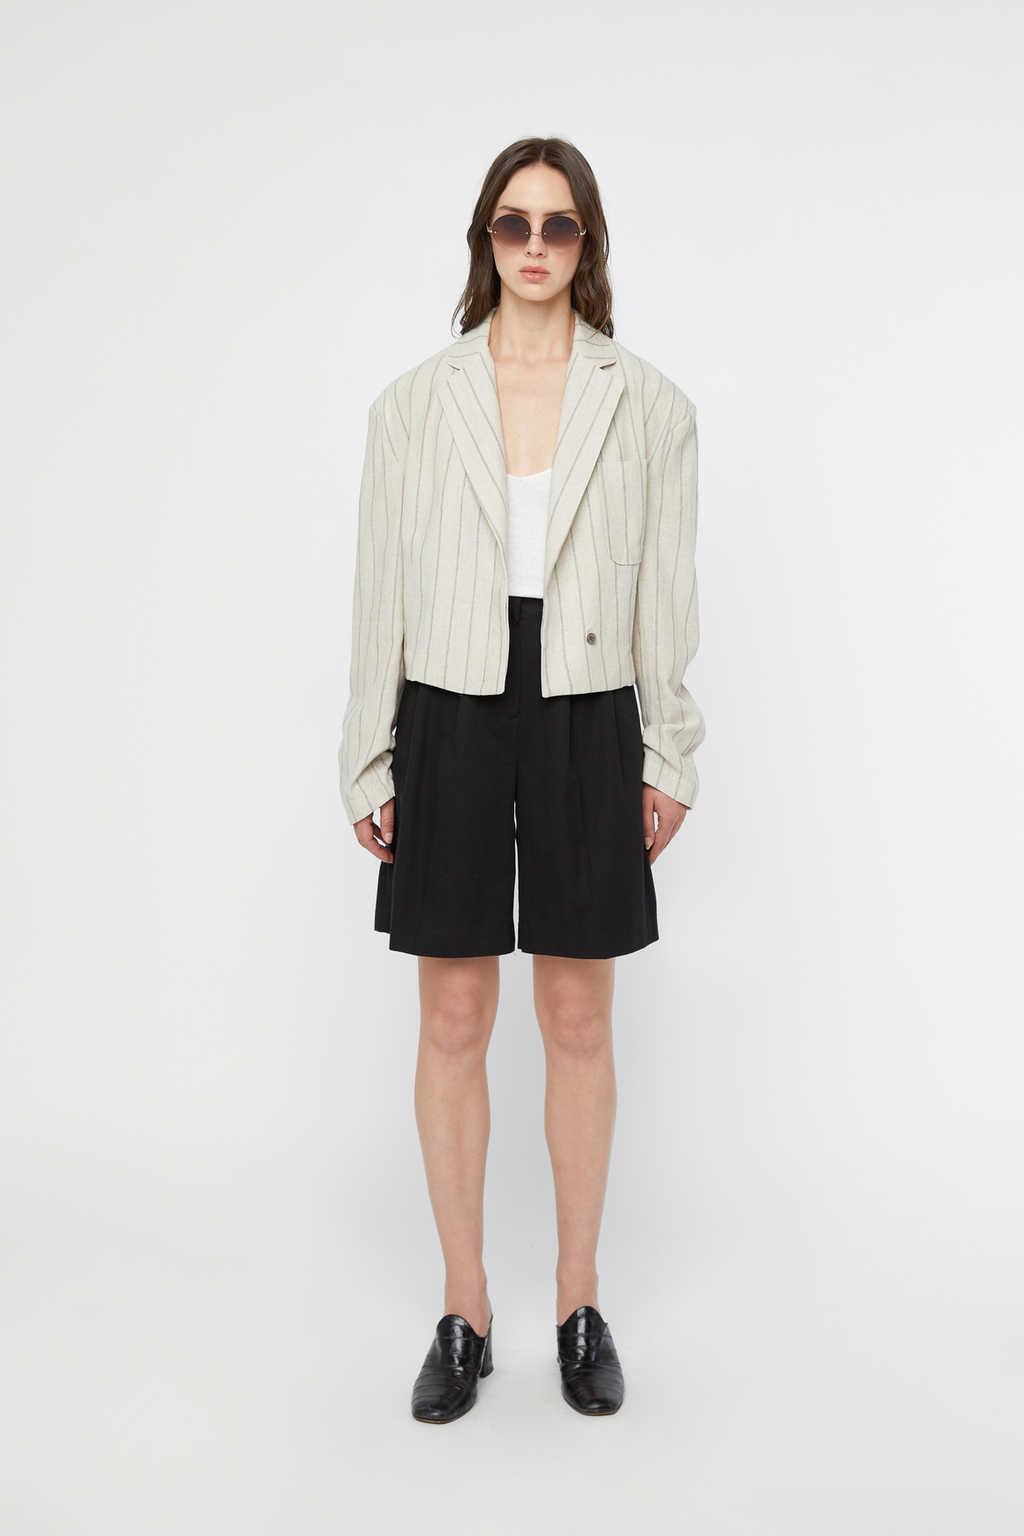 Jacket K006 Beige 2